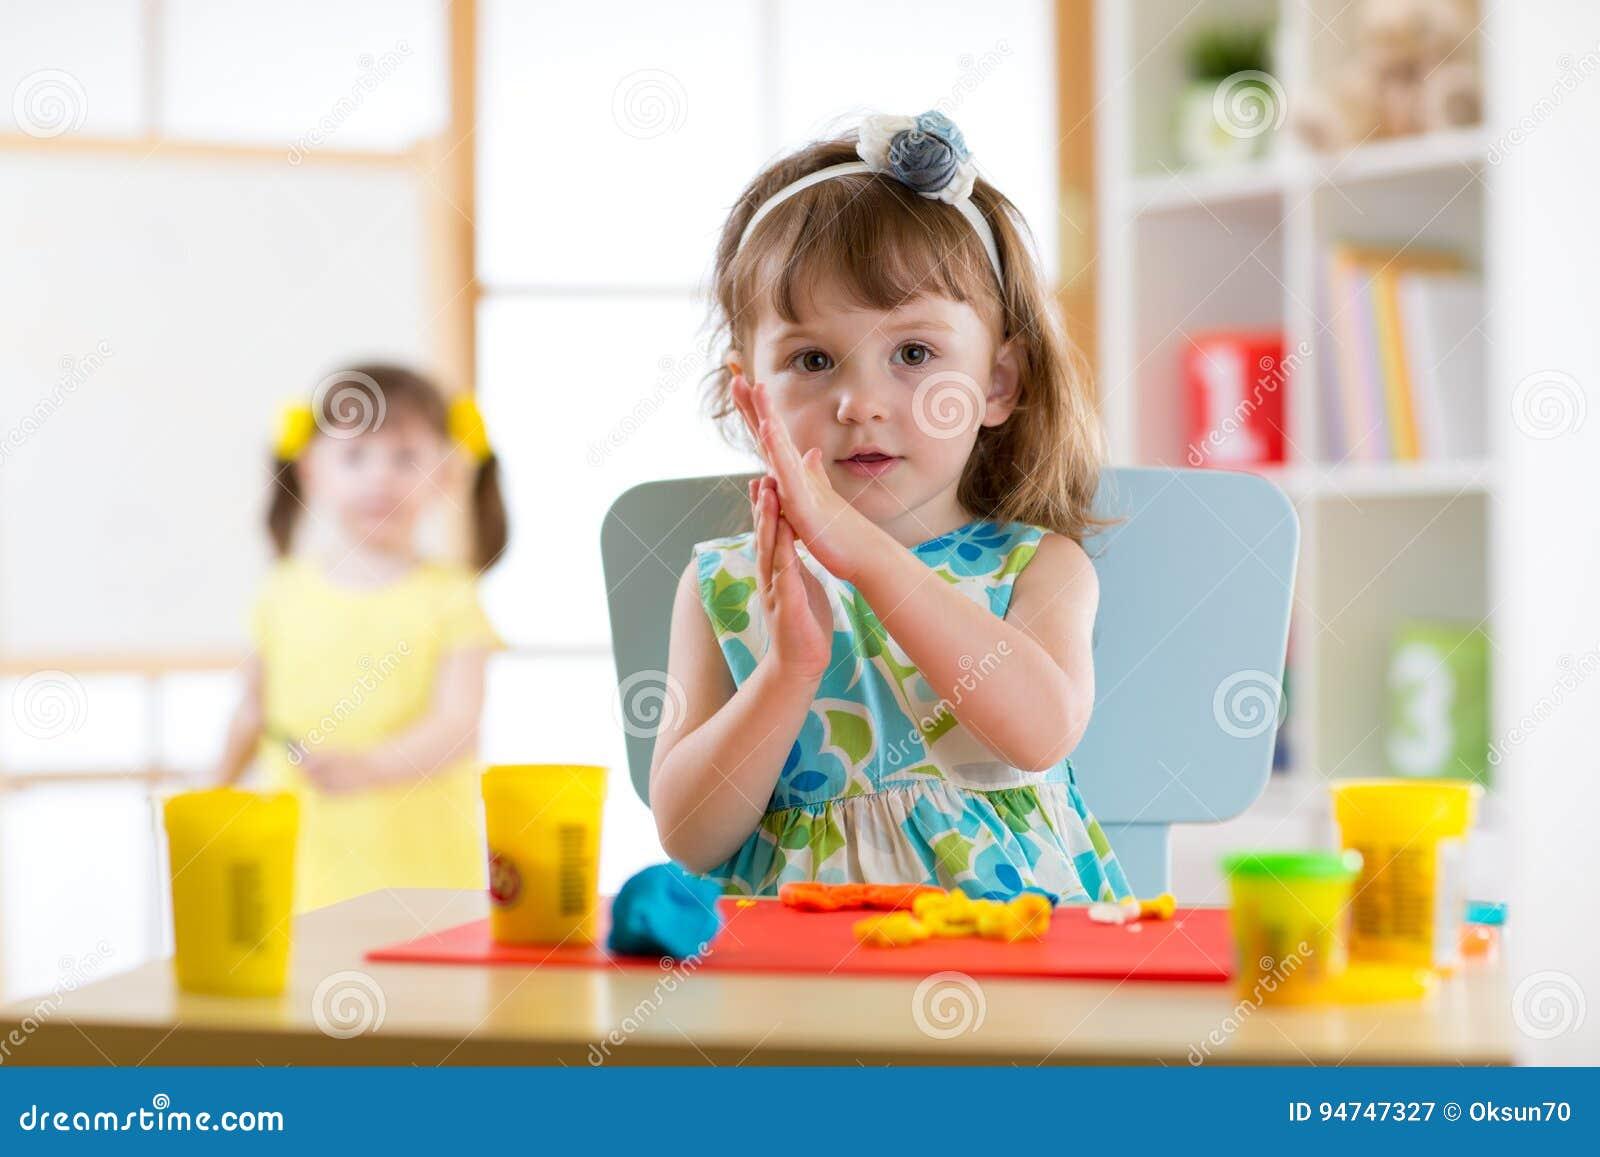 学龄前儿童女孩获得乐趣与五颜六色的雕塑黏土一起在托儿 在家铸造创造性的孩子 孩子